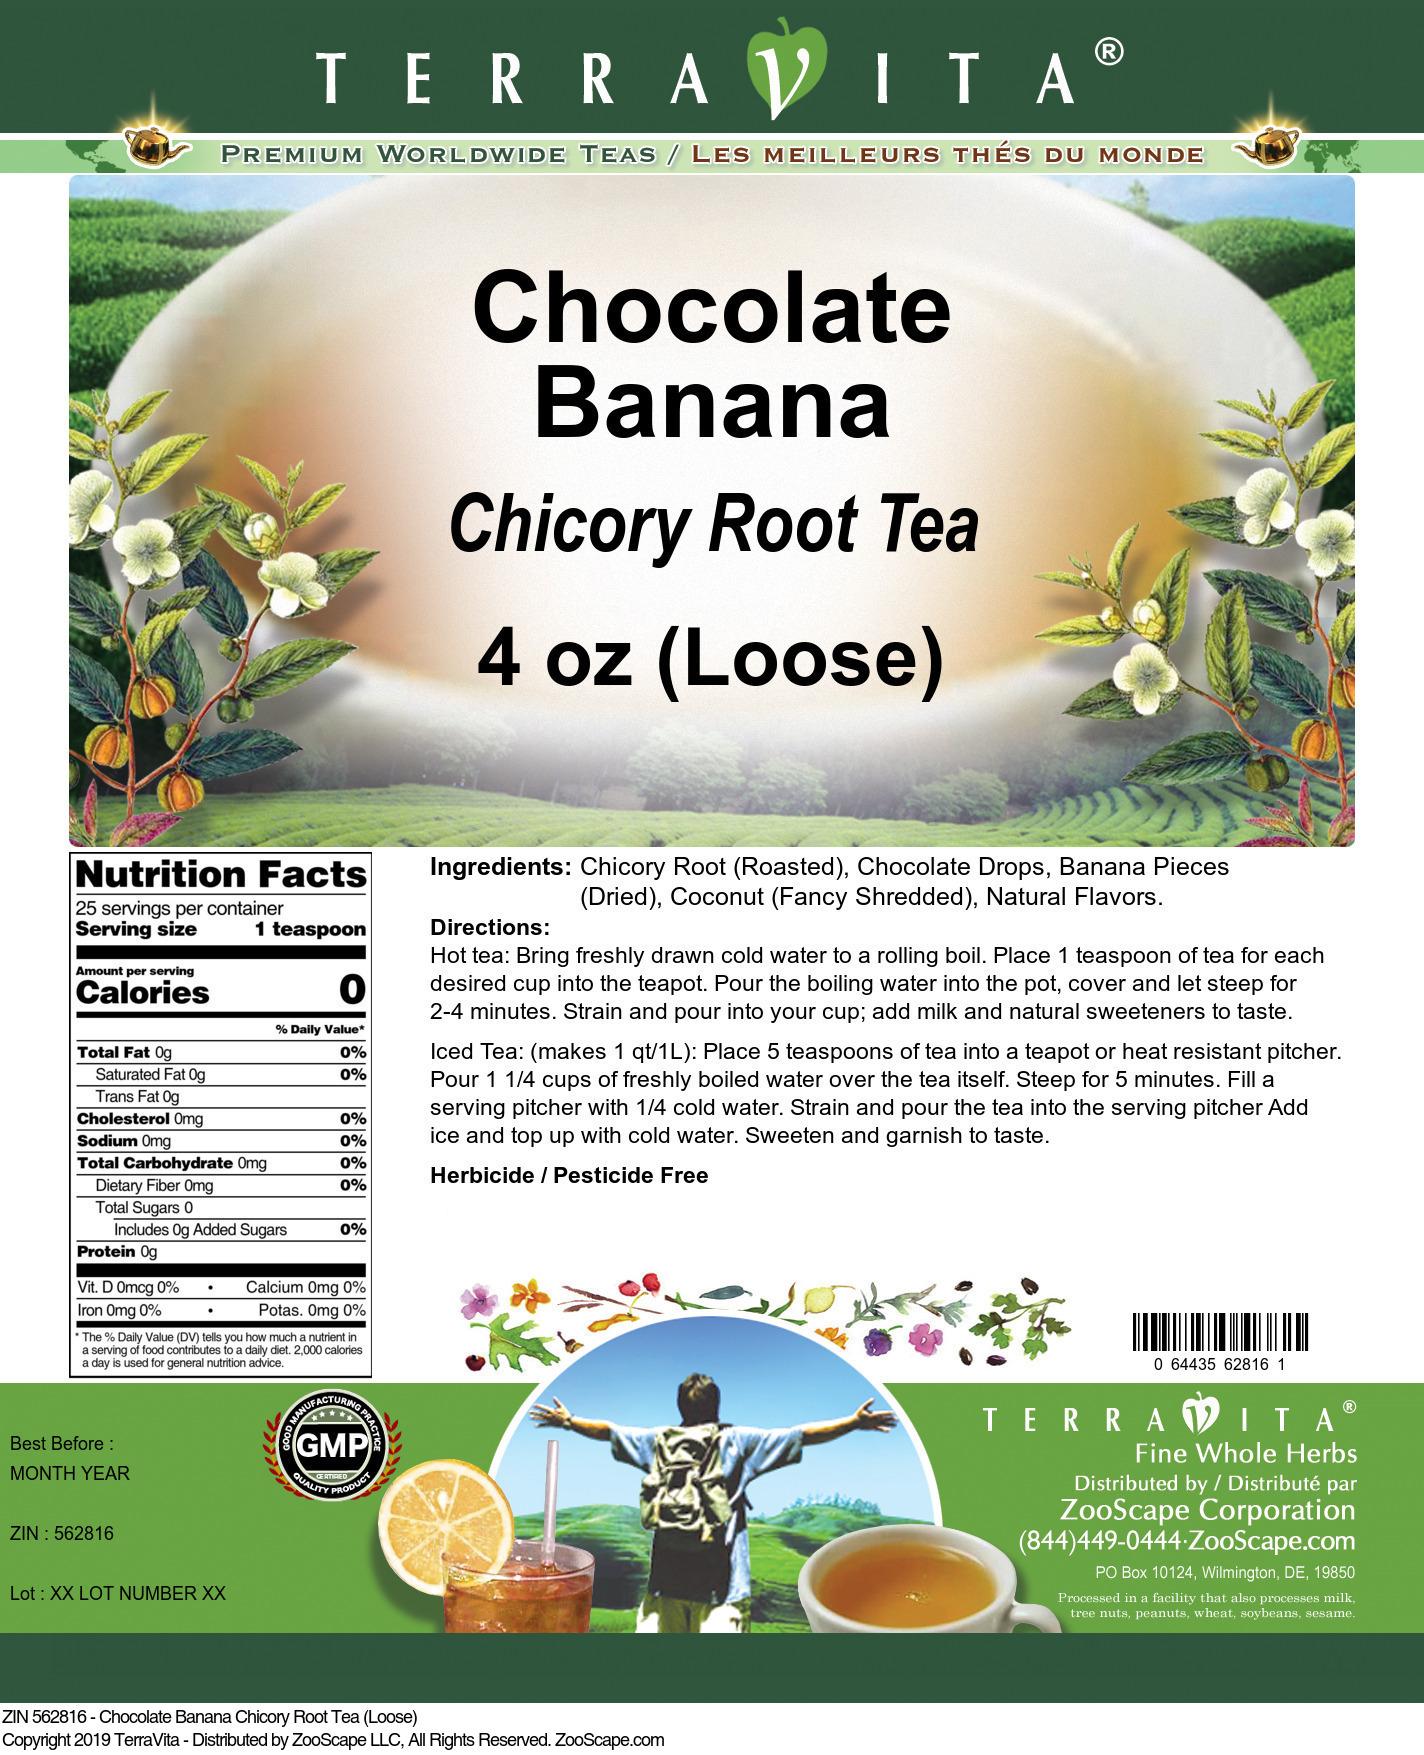 Chocolate Banana Chicory Root